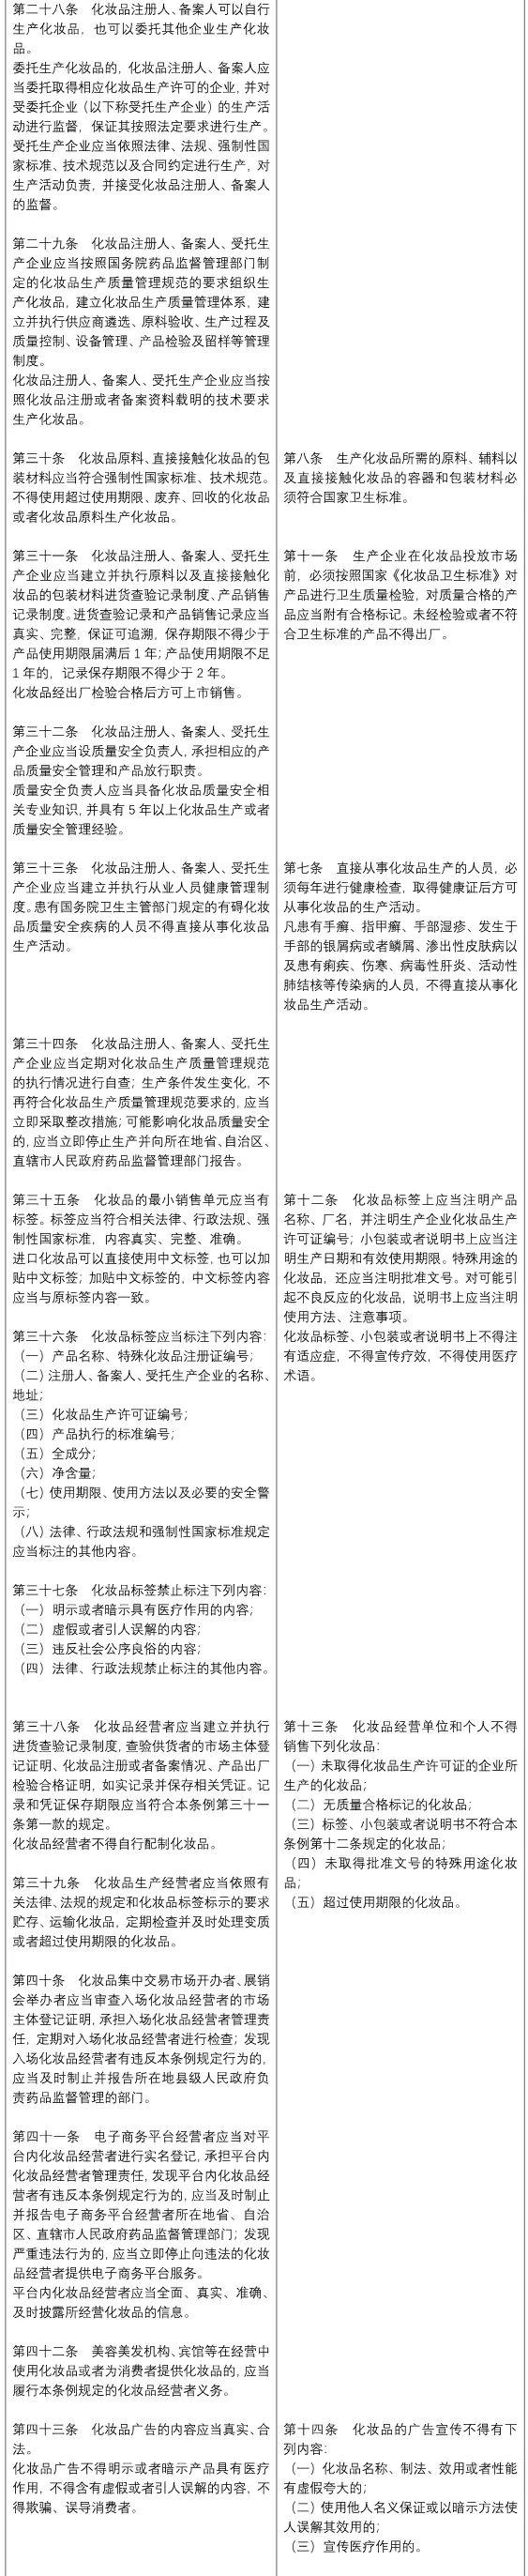 《化妆品监督管理条例》与《化妆品卫生监督条例》内容对比插图(2)